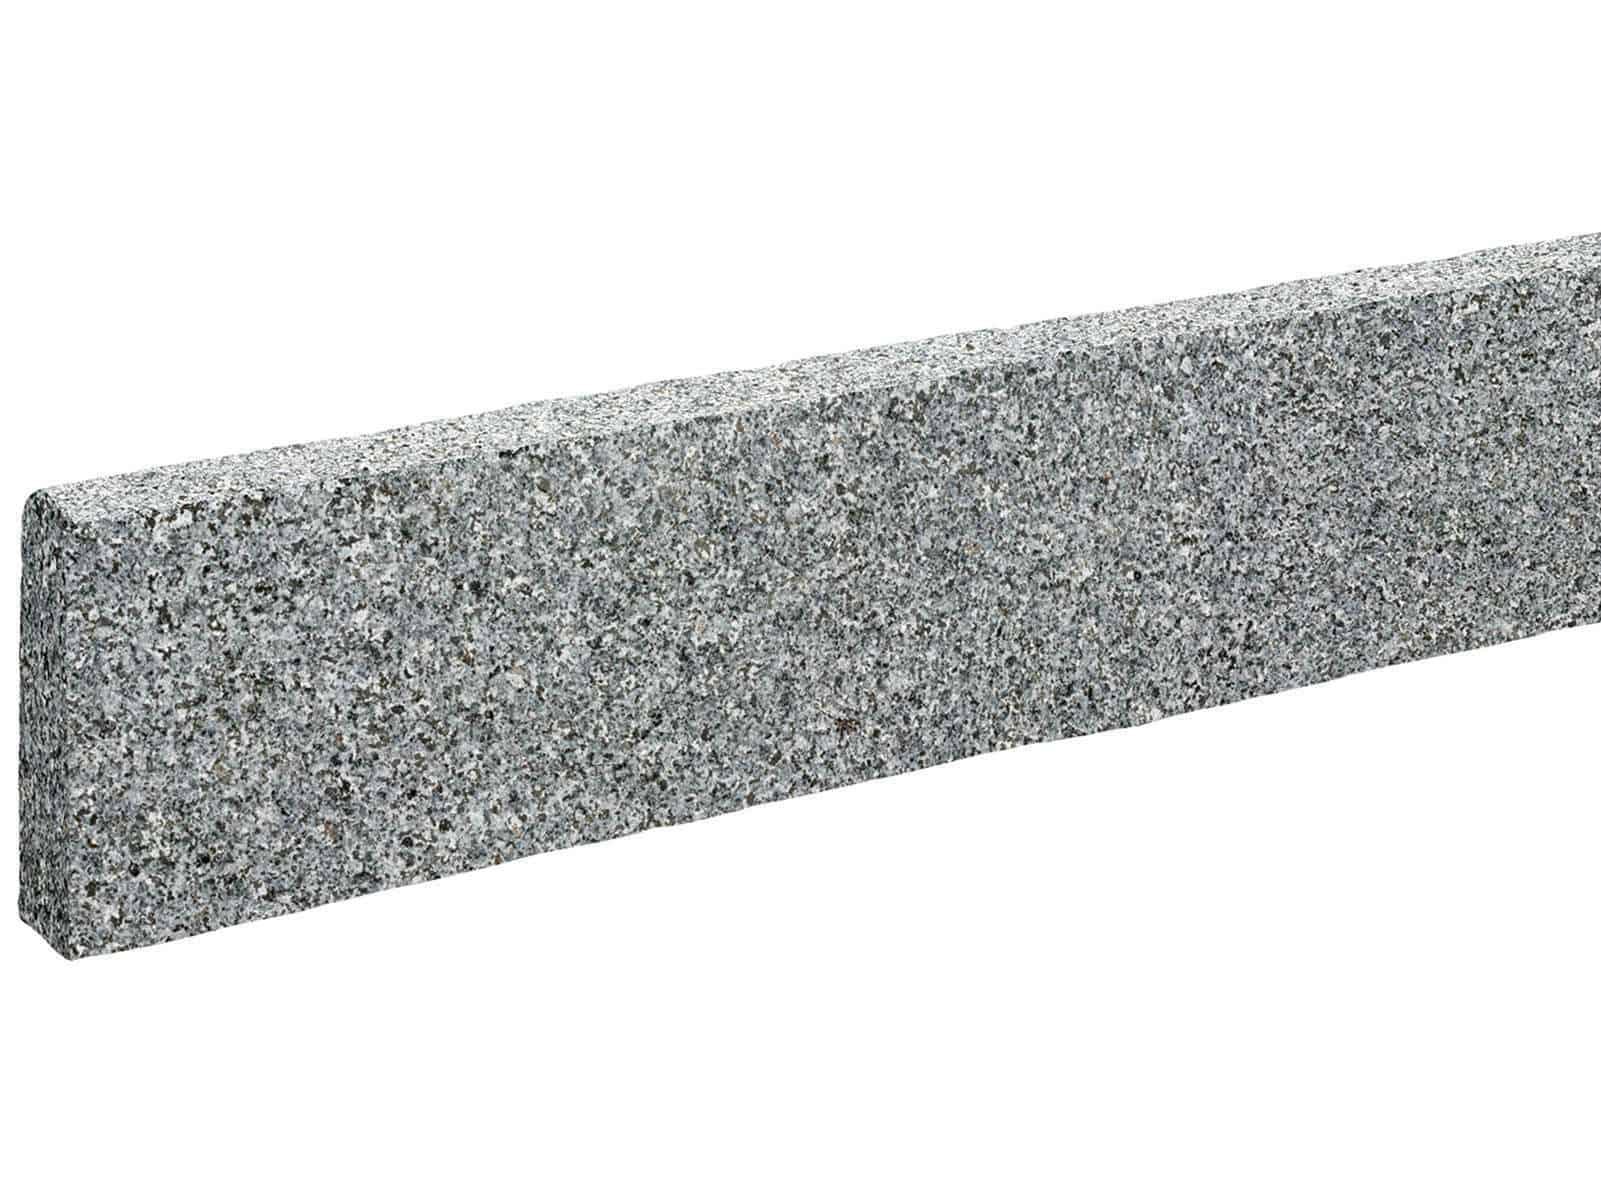 Randstein edel Granit Kristall antrhrazit ges‰gt geflammt